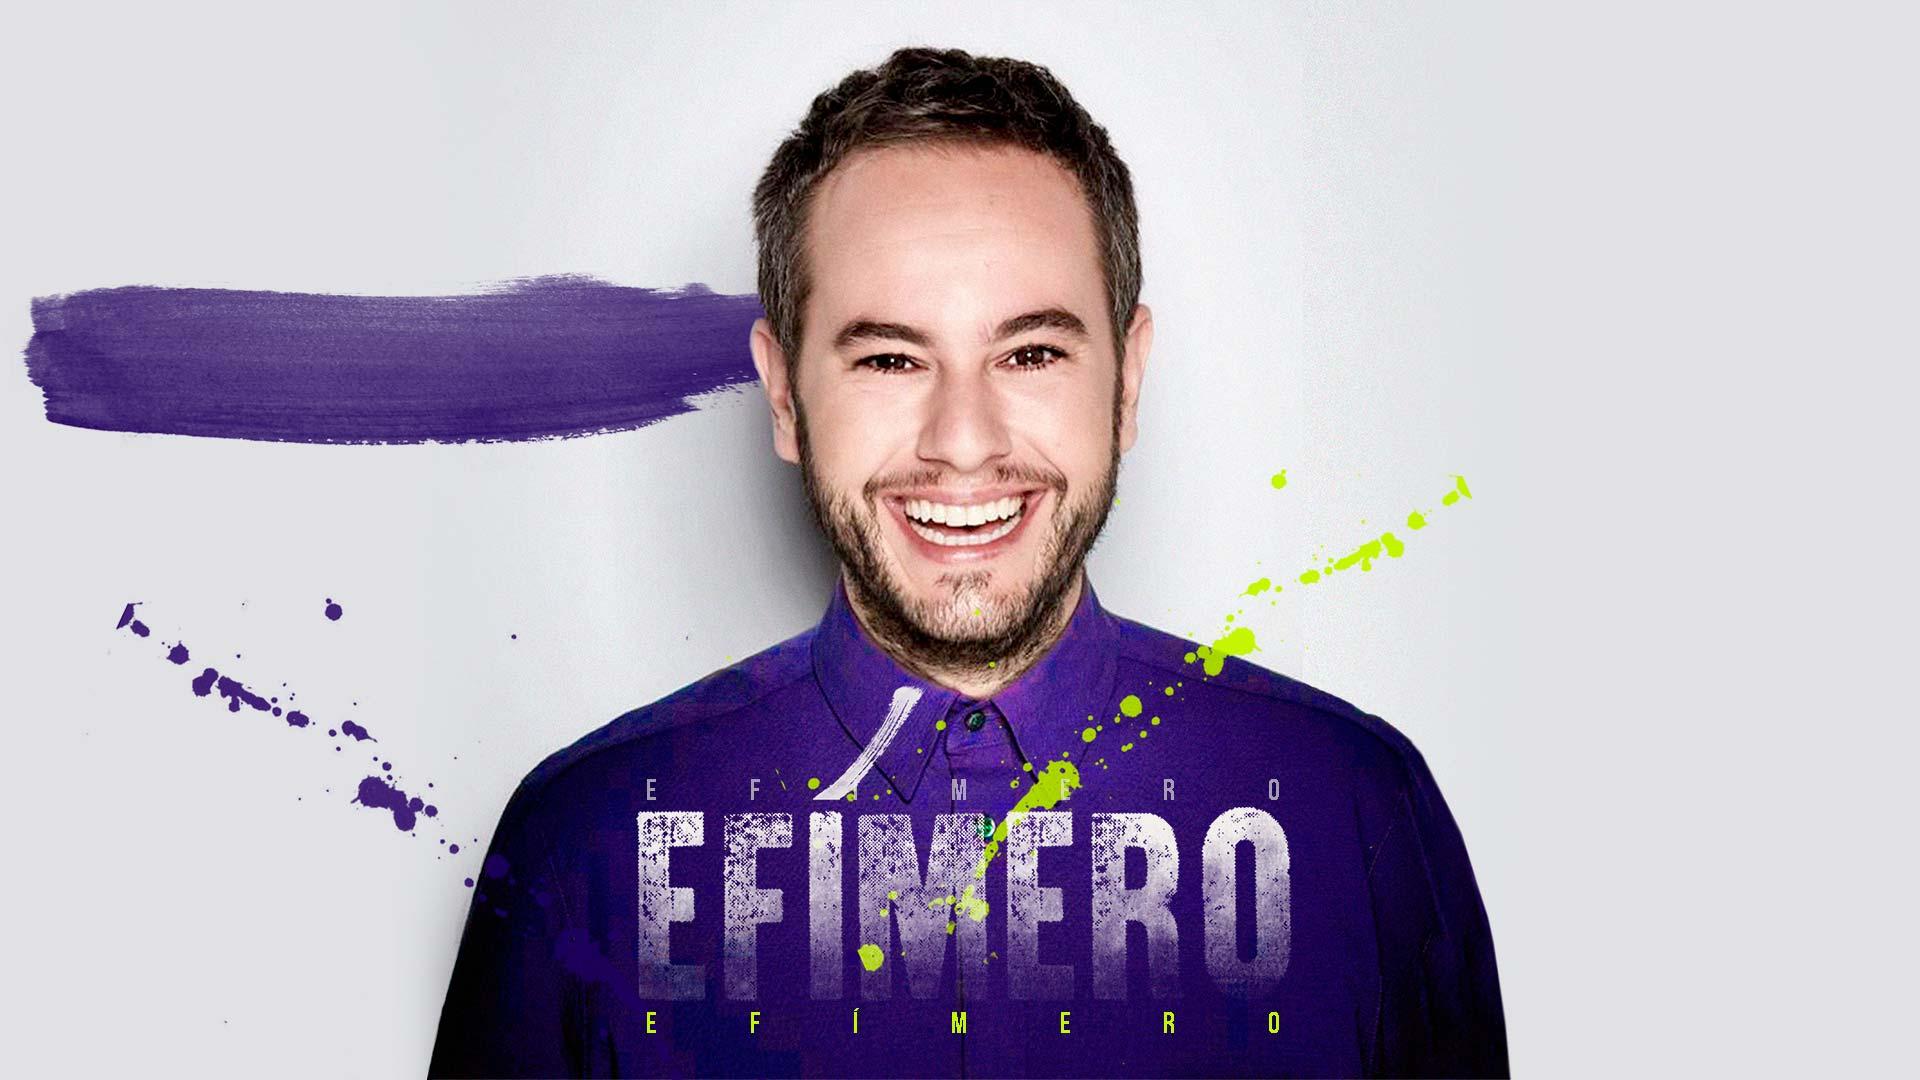 Jorge reinventa la magia en su nuevo espectáculo de magia Online: EFÍMERO